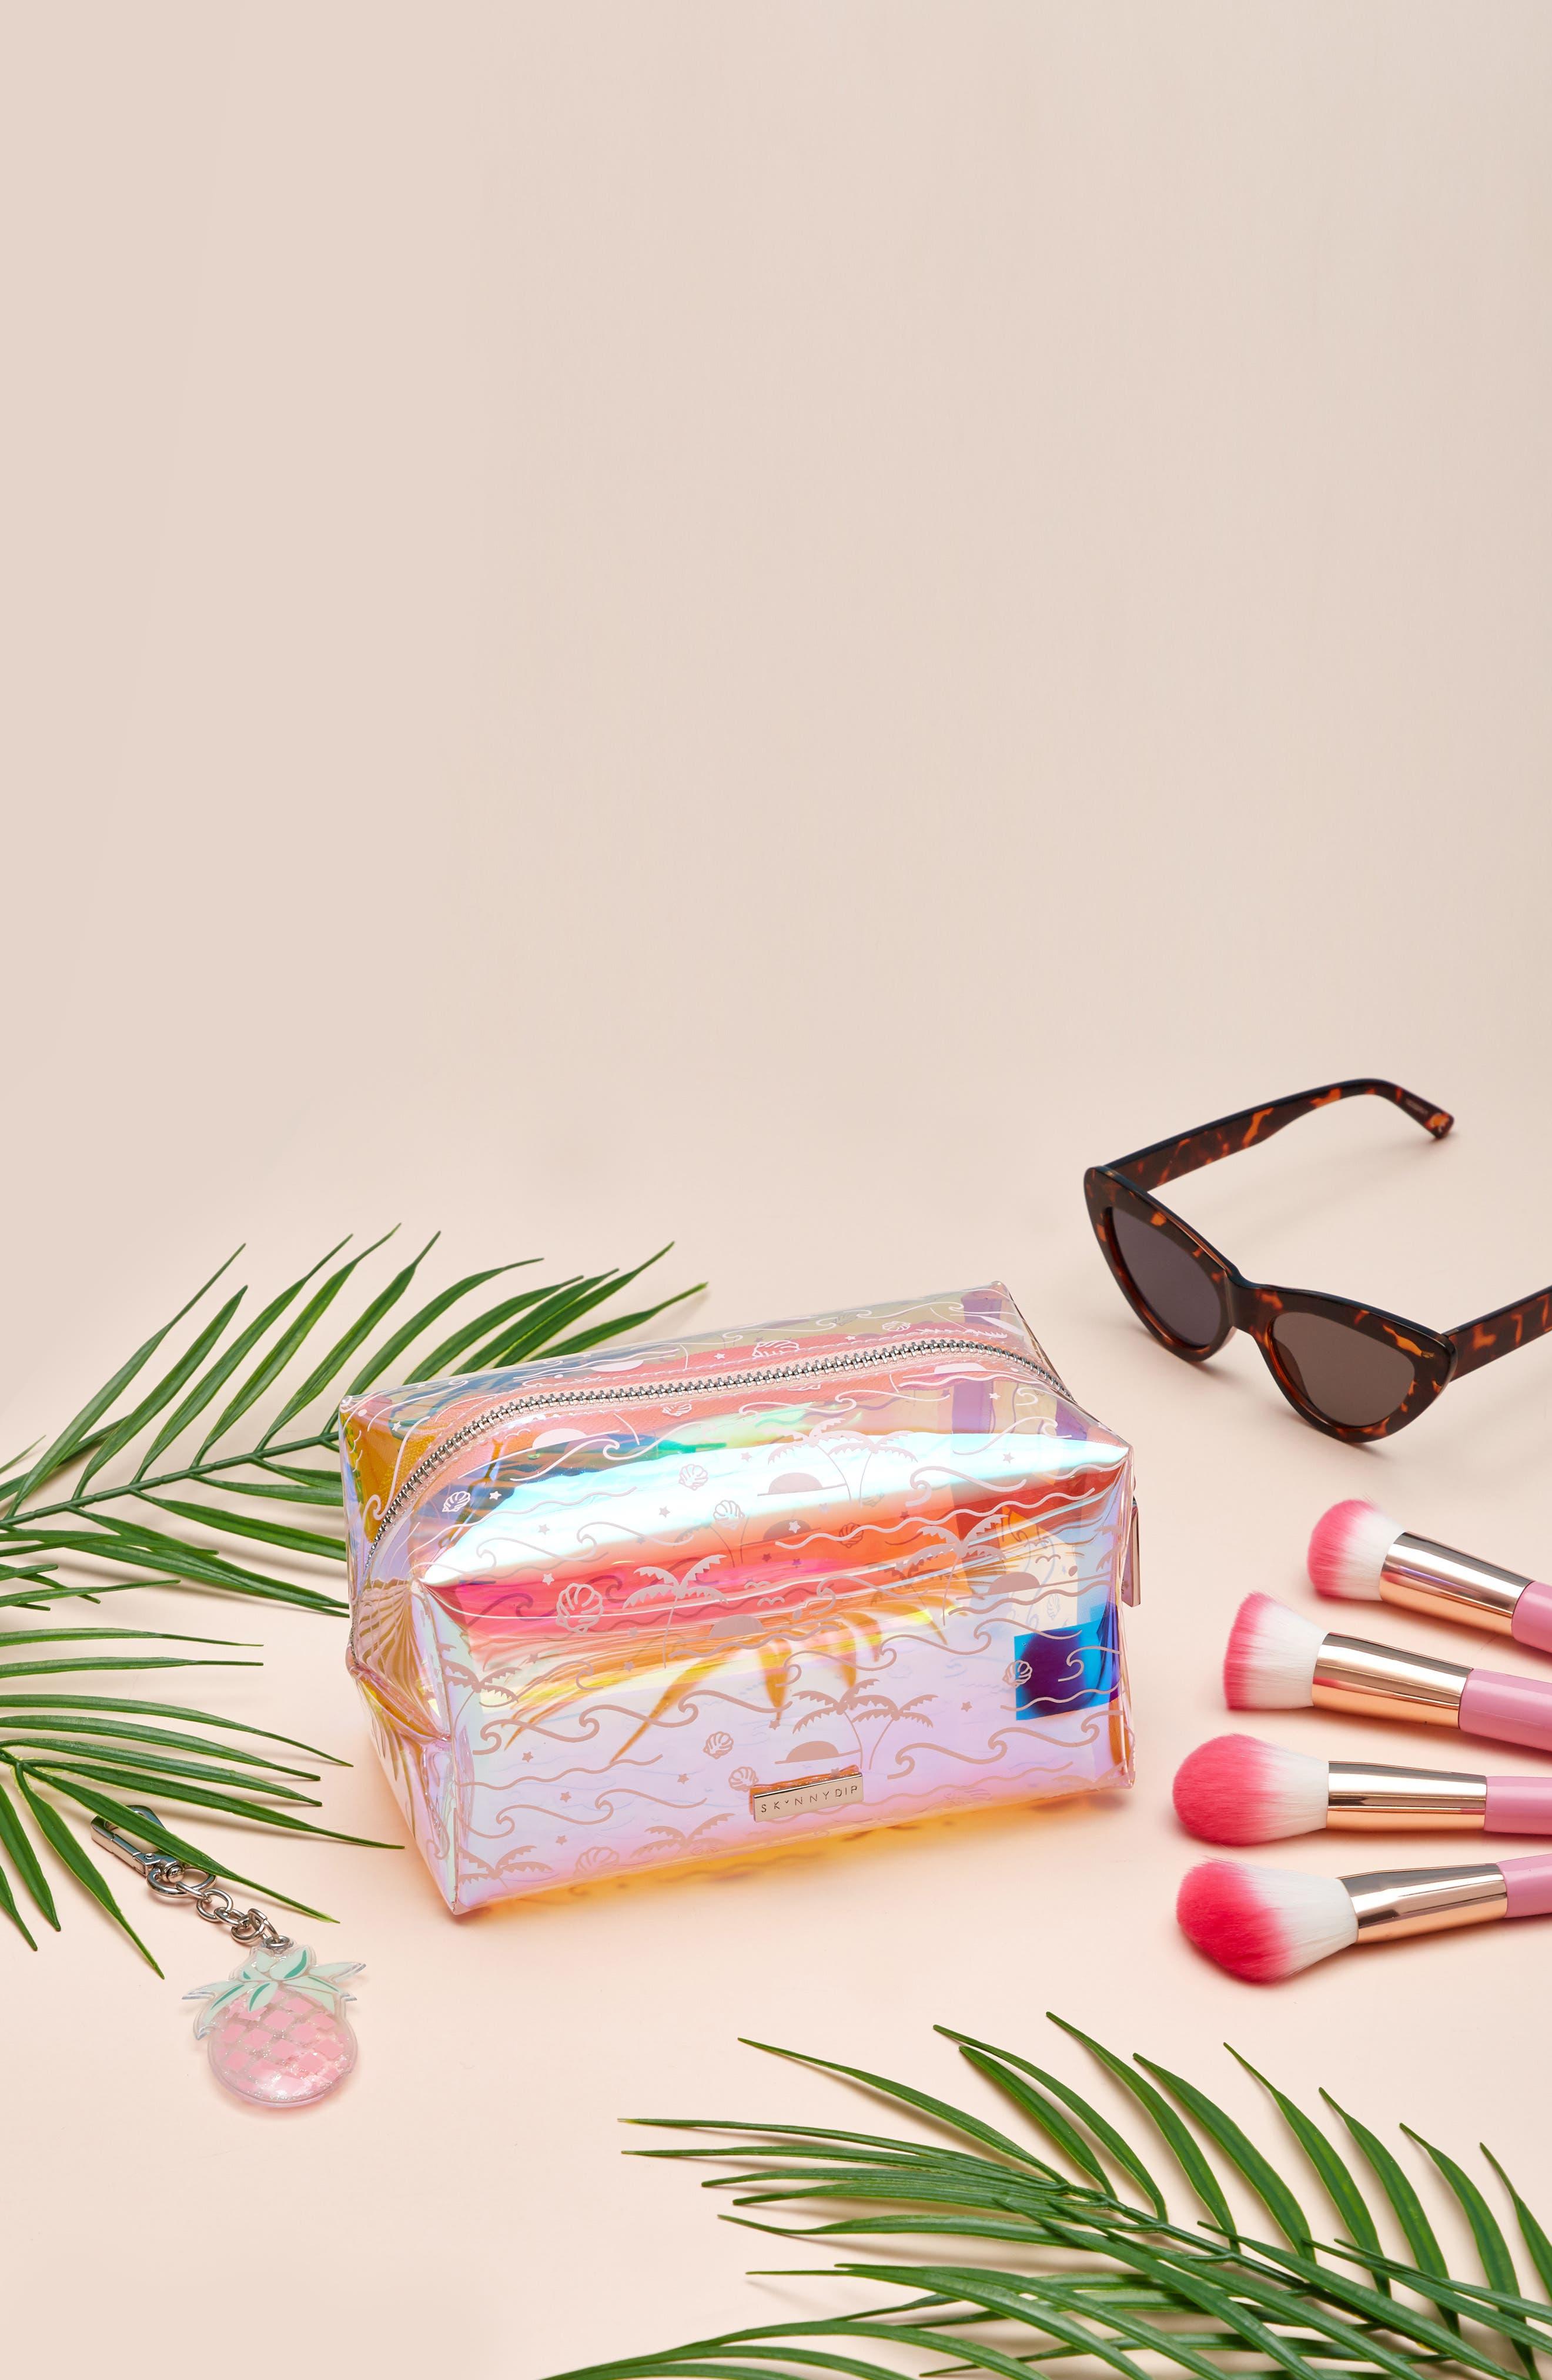 Skinny Dip Ocean Breeze Makeup Bag,                             Alternate thumbnail 4, color,                             No Color